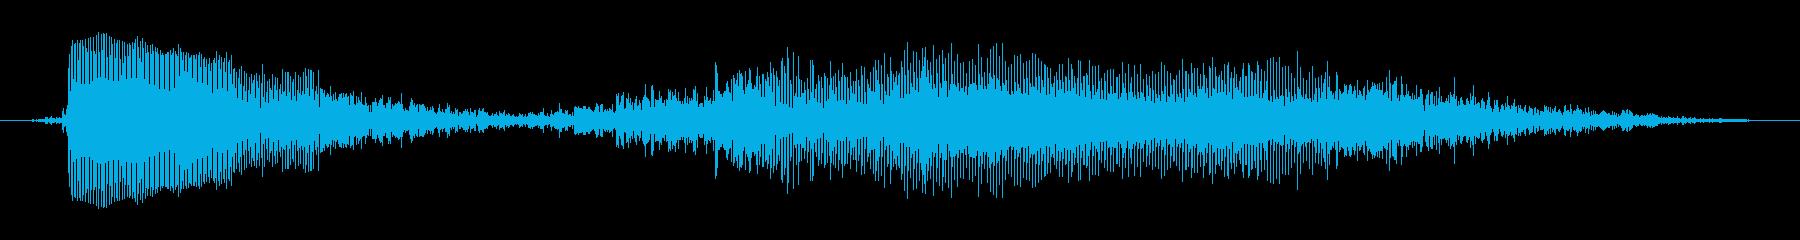 おっは~(眠たい)の再生済みの波形